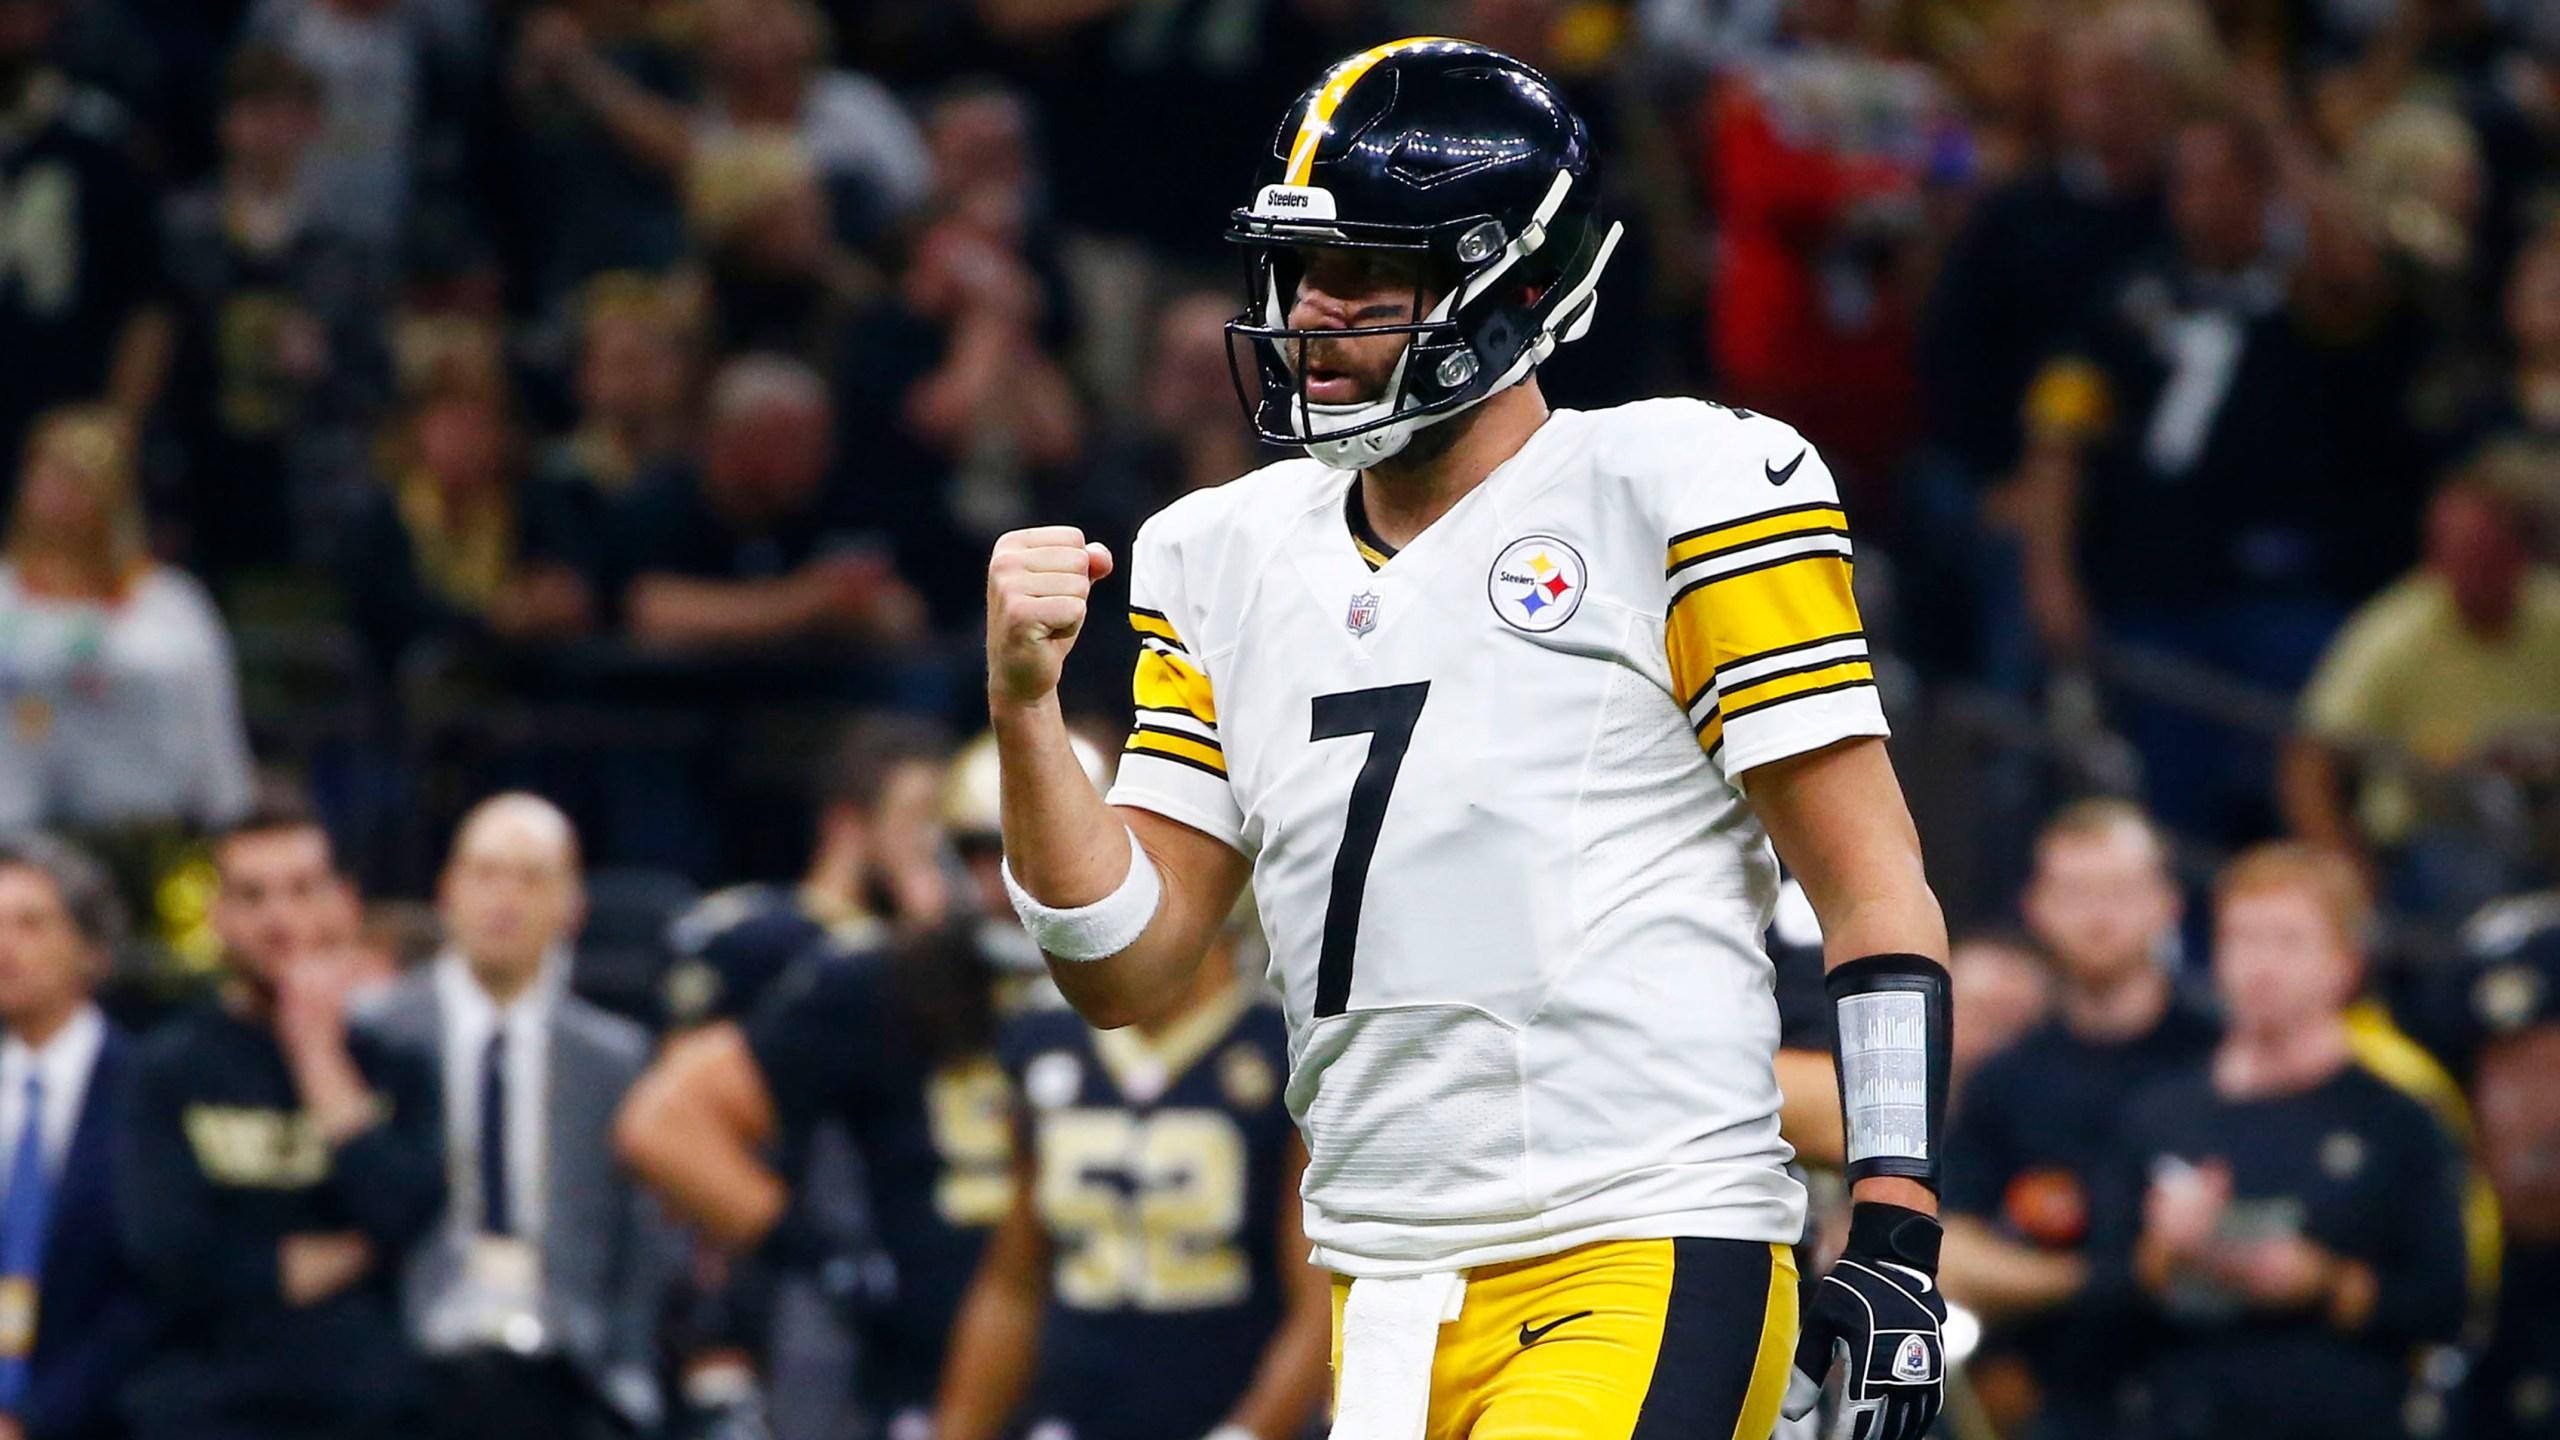 Steelers_Saints_Football_42674-159532.jpg51612309